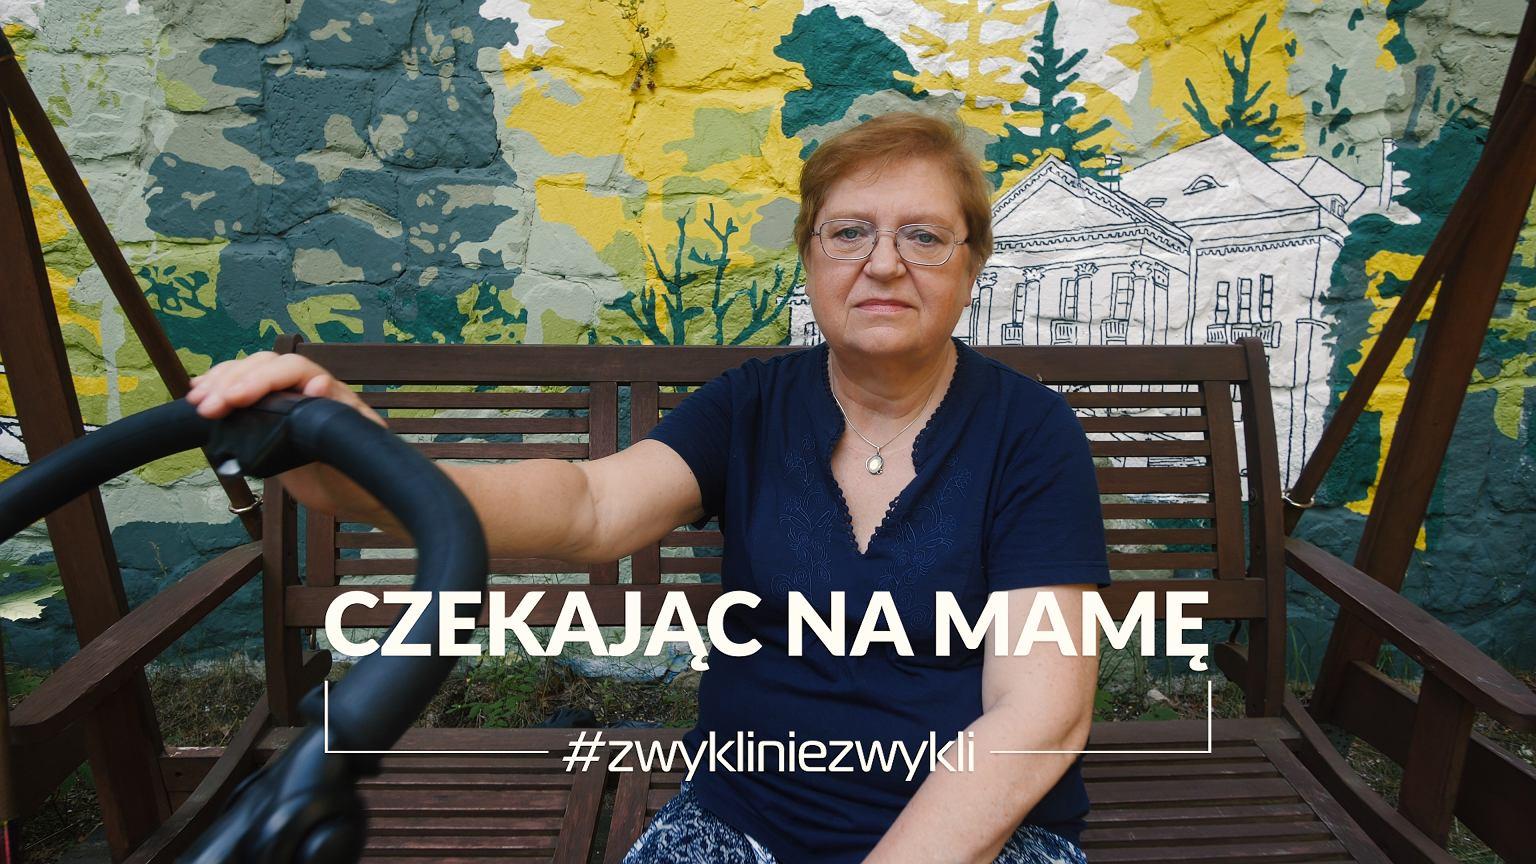 Mirosława Romanowska, psycholog kliniczny dziecka w IOP w Otwocku